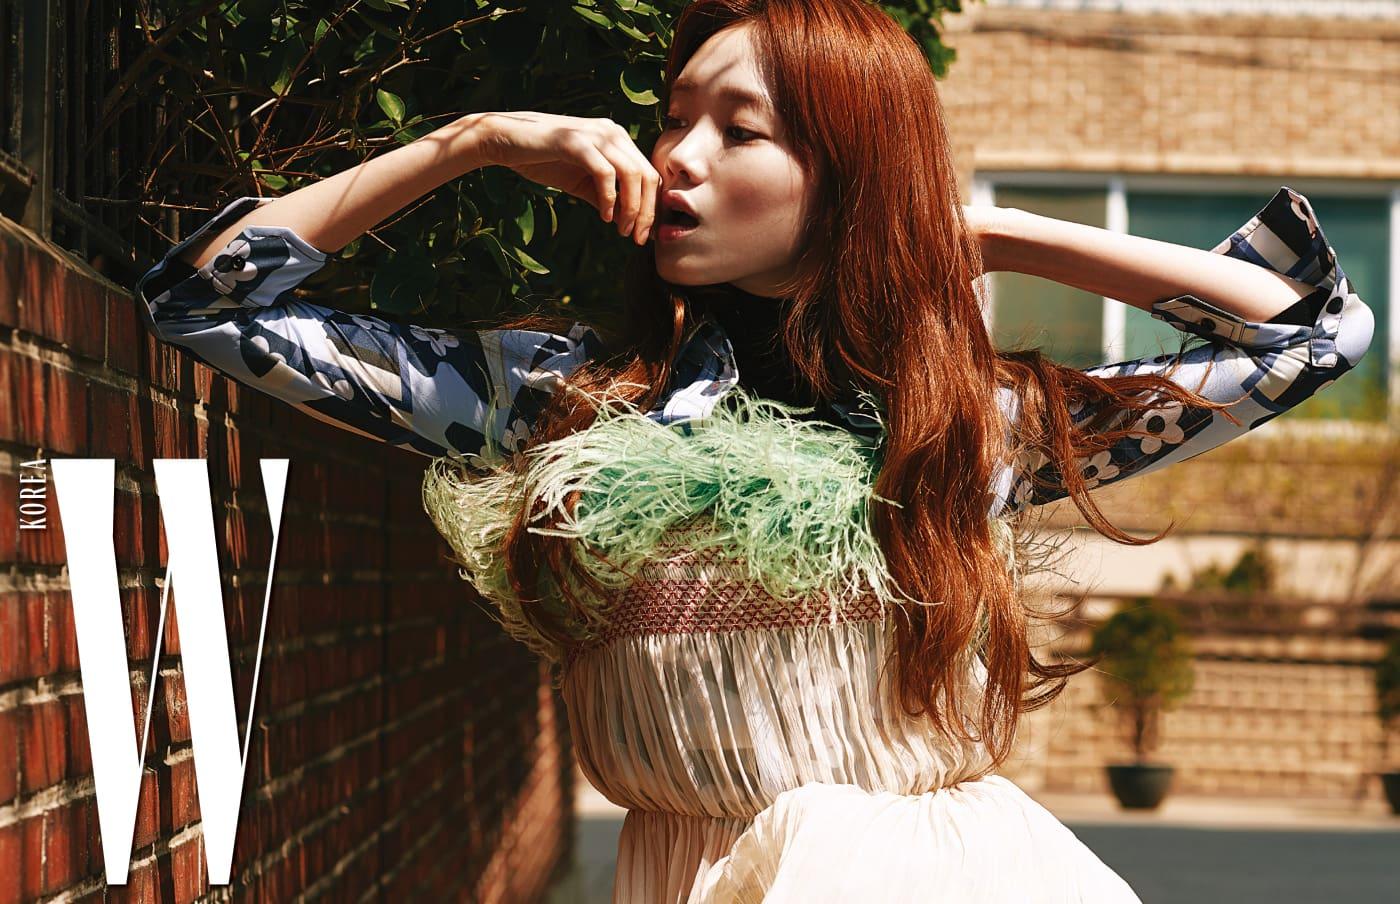 화사한 꽃무늬 패턴 셔츠와 인조 퍼 장식 드레스는 프라다 제품.